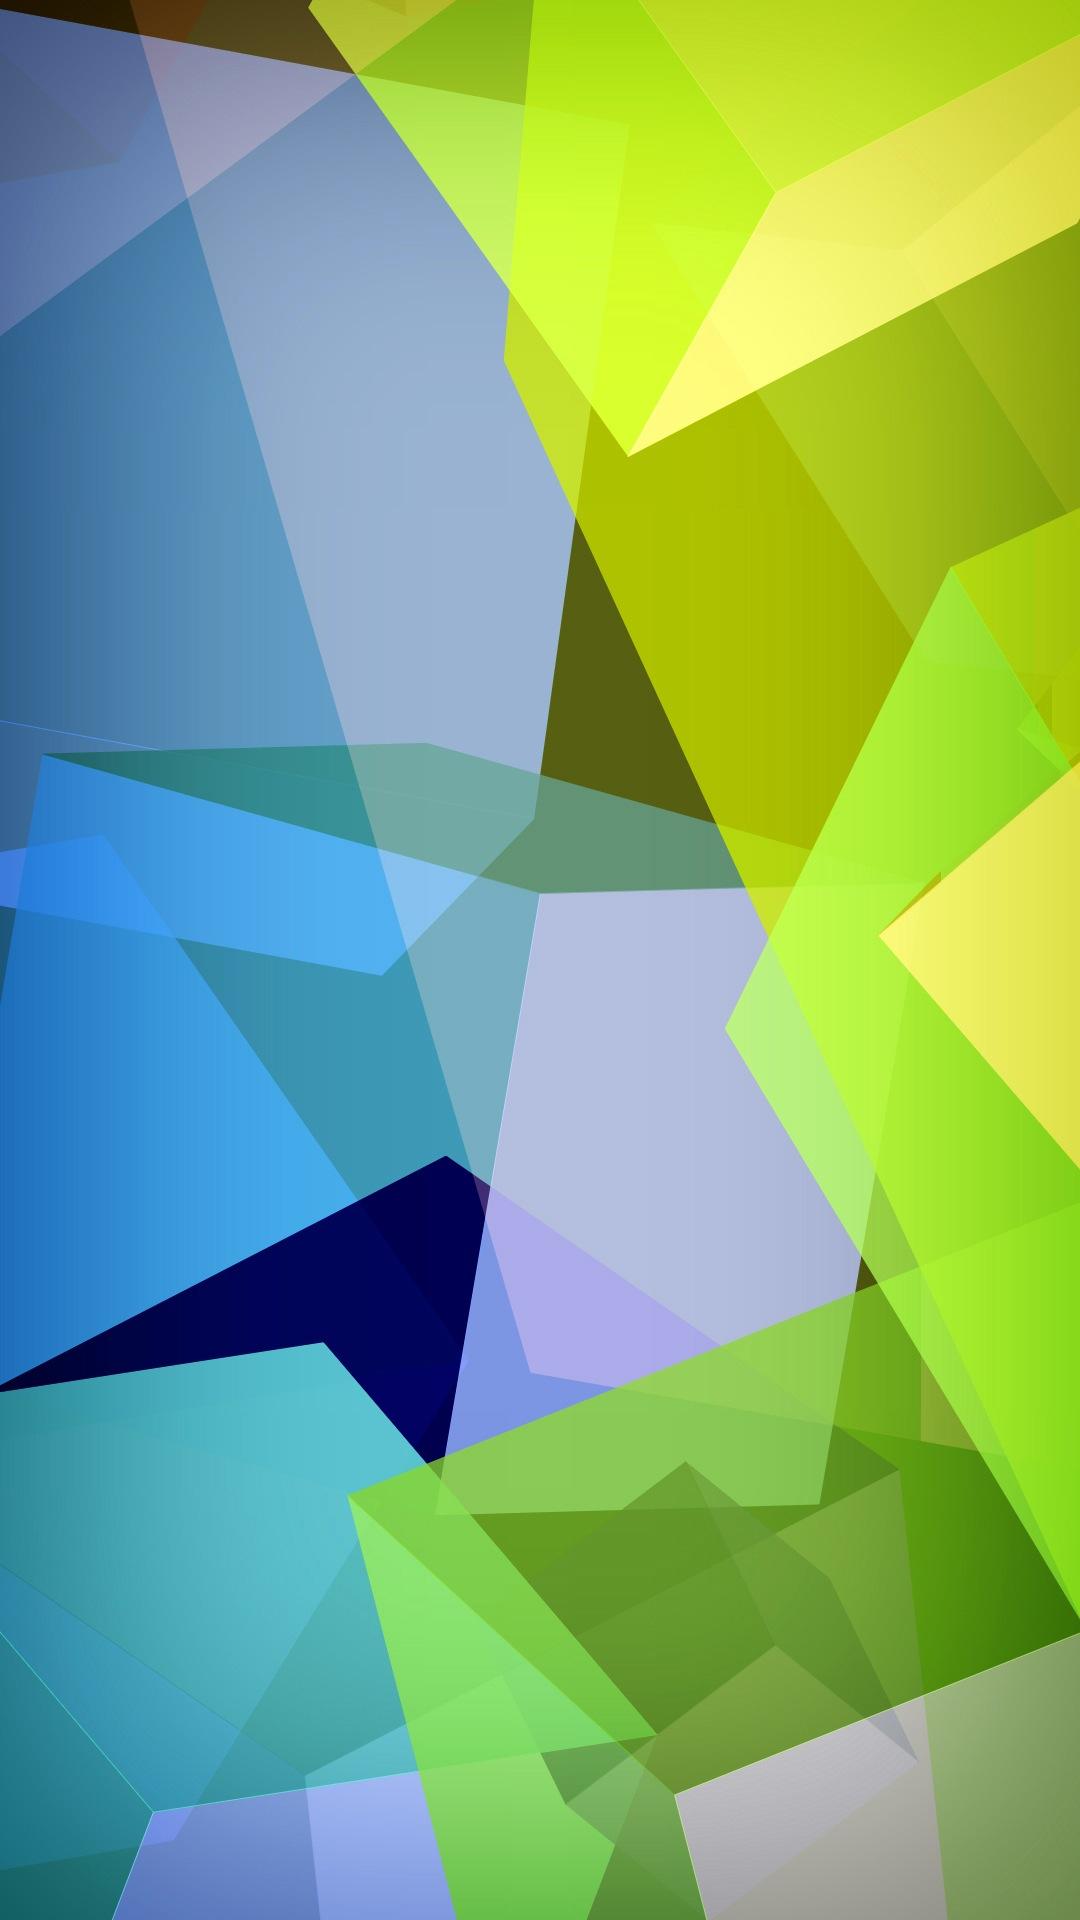 Fall Hipster Wallpapers Abstract Iphone Wallpaper Pixelstalk Net